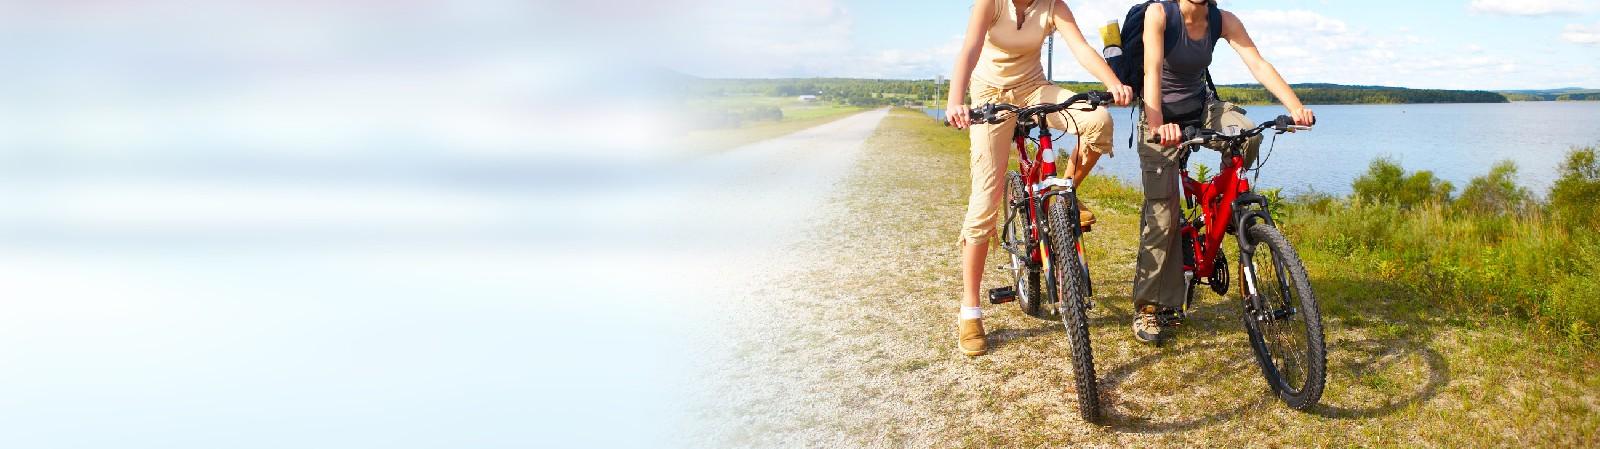 Idzie wiosna - wybieramy rower turystyczny